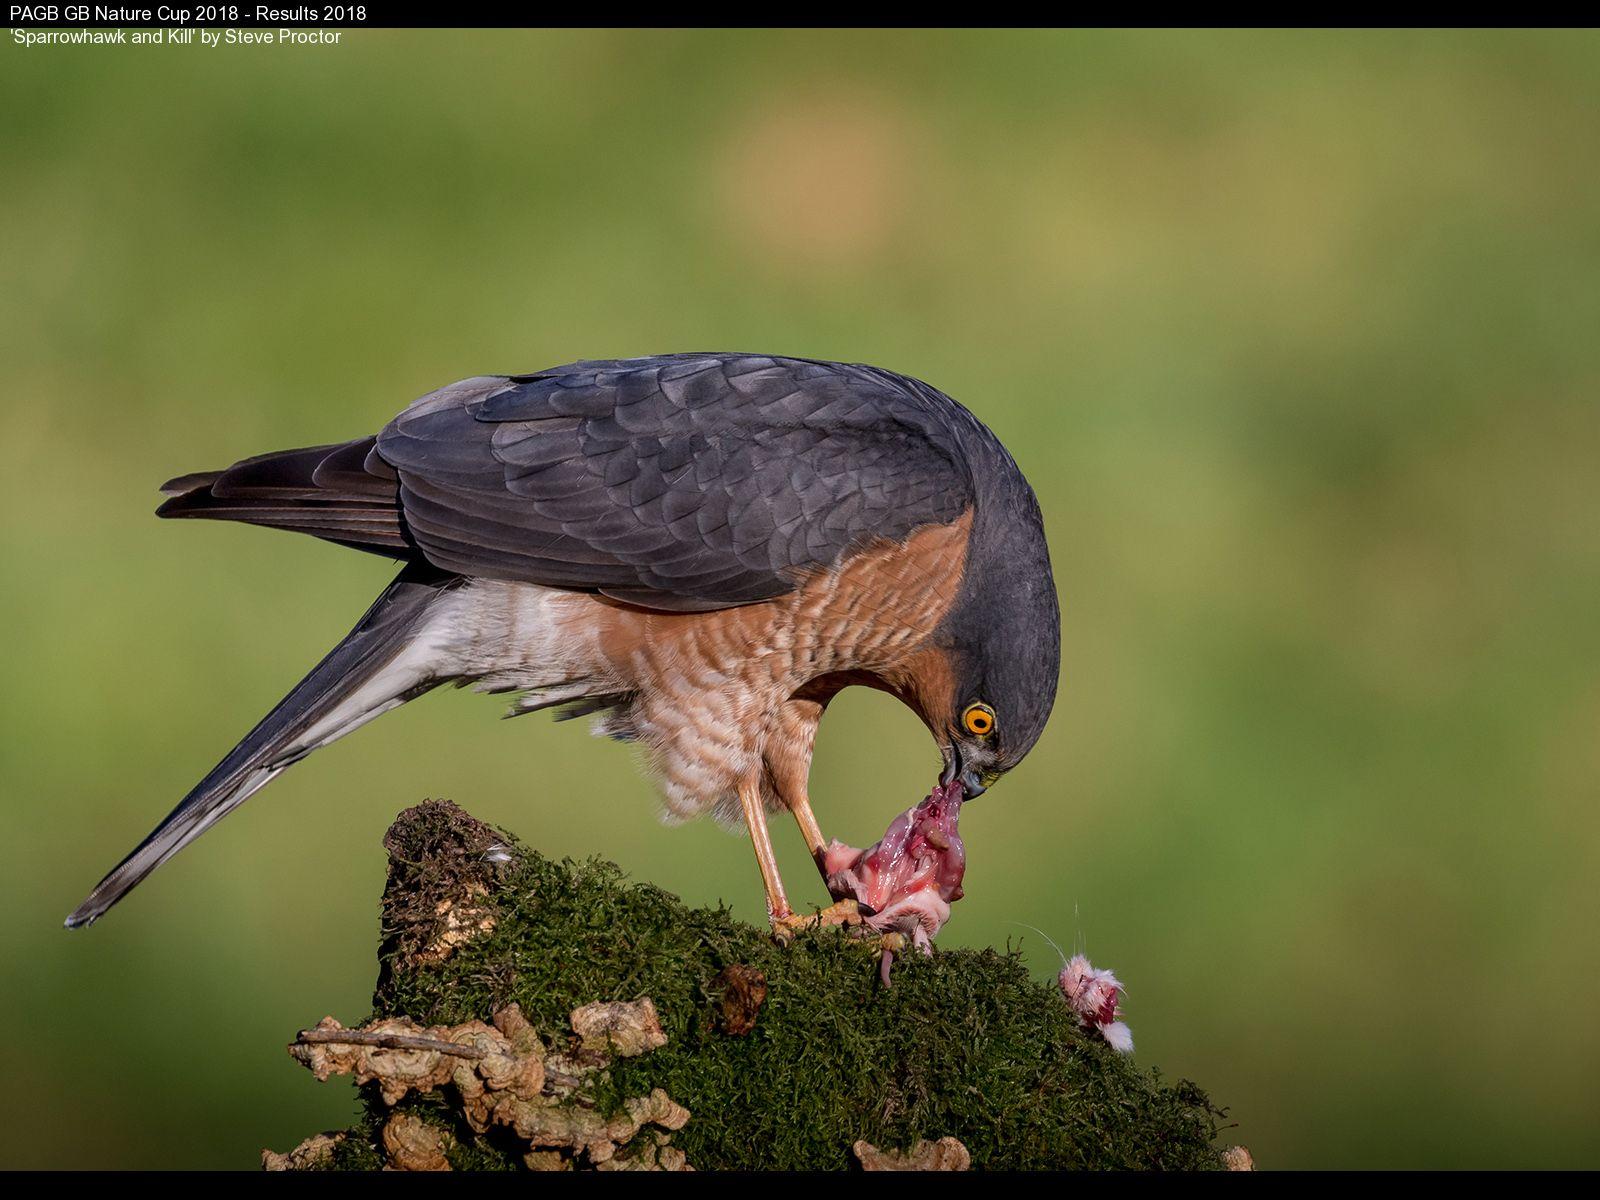 9388_Steve Proctor_Sparrowhawk and Kill